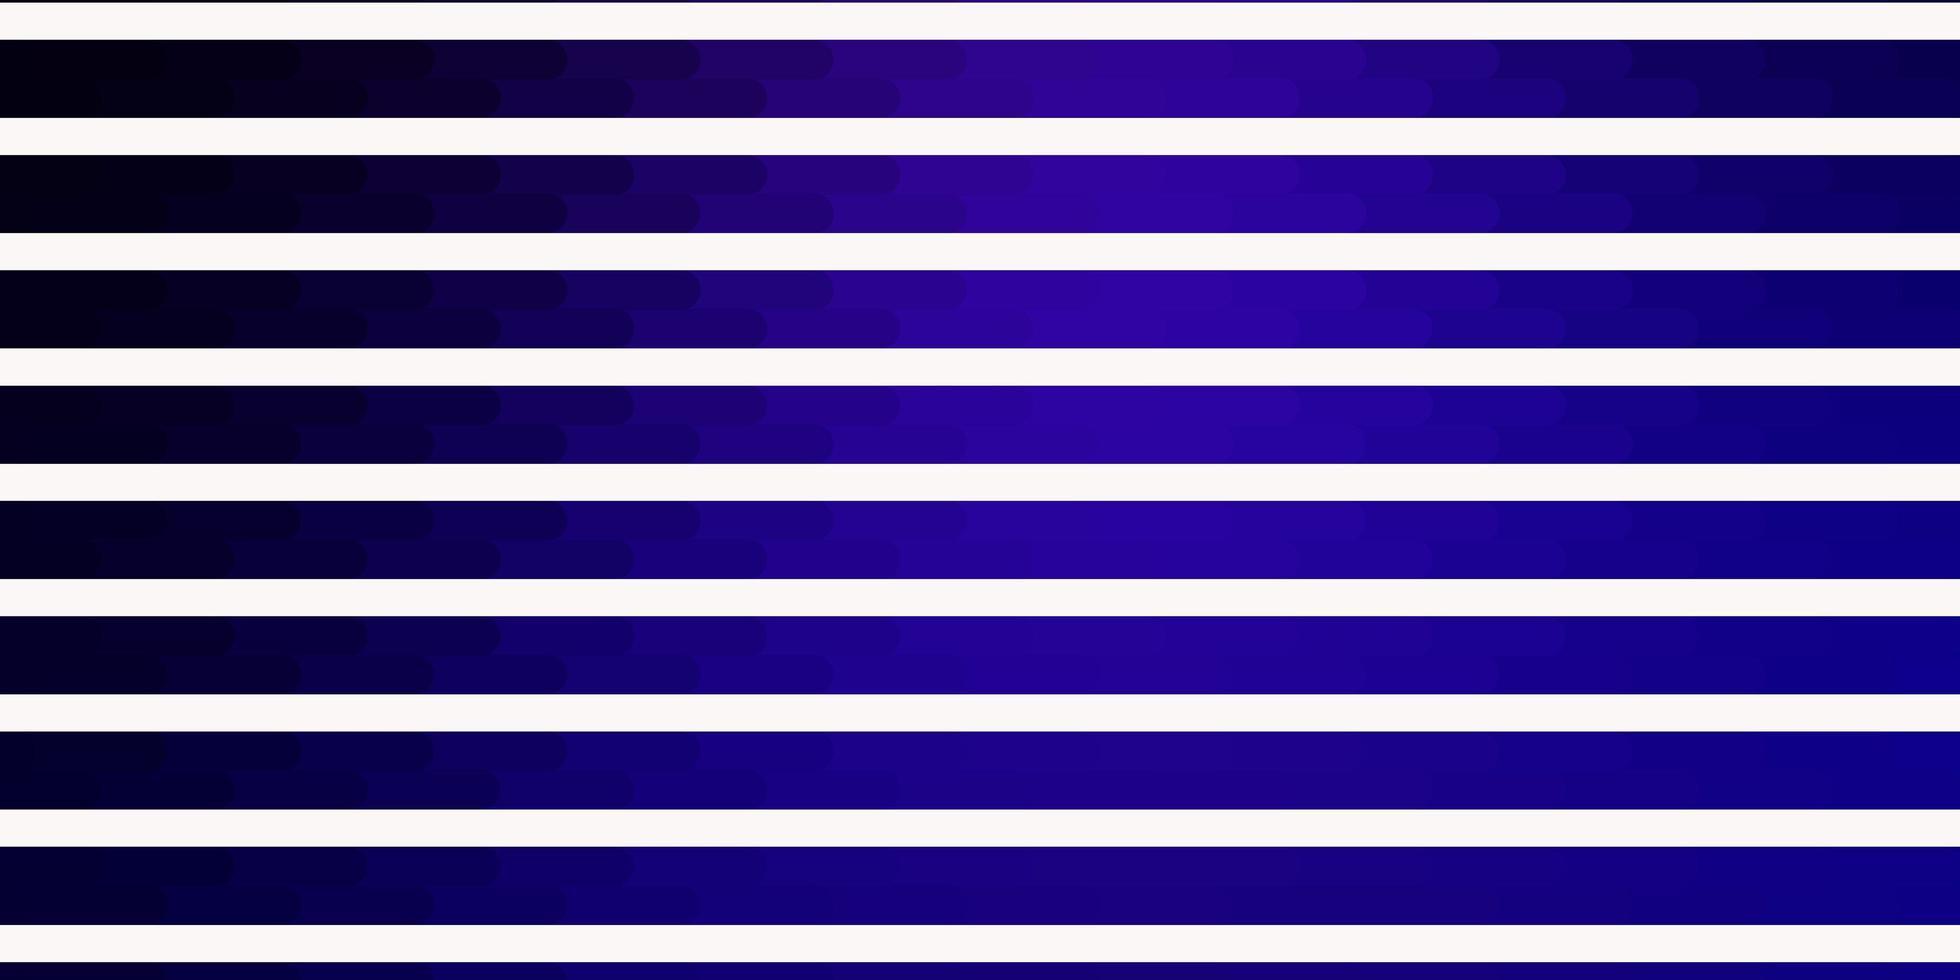 donkerpaarse vector achtergrond met lijnen.